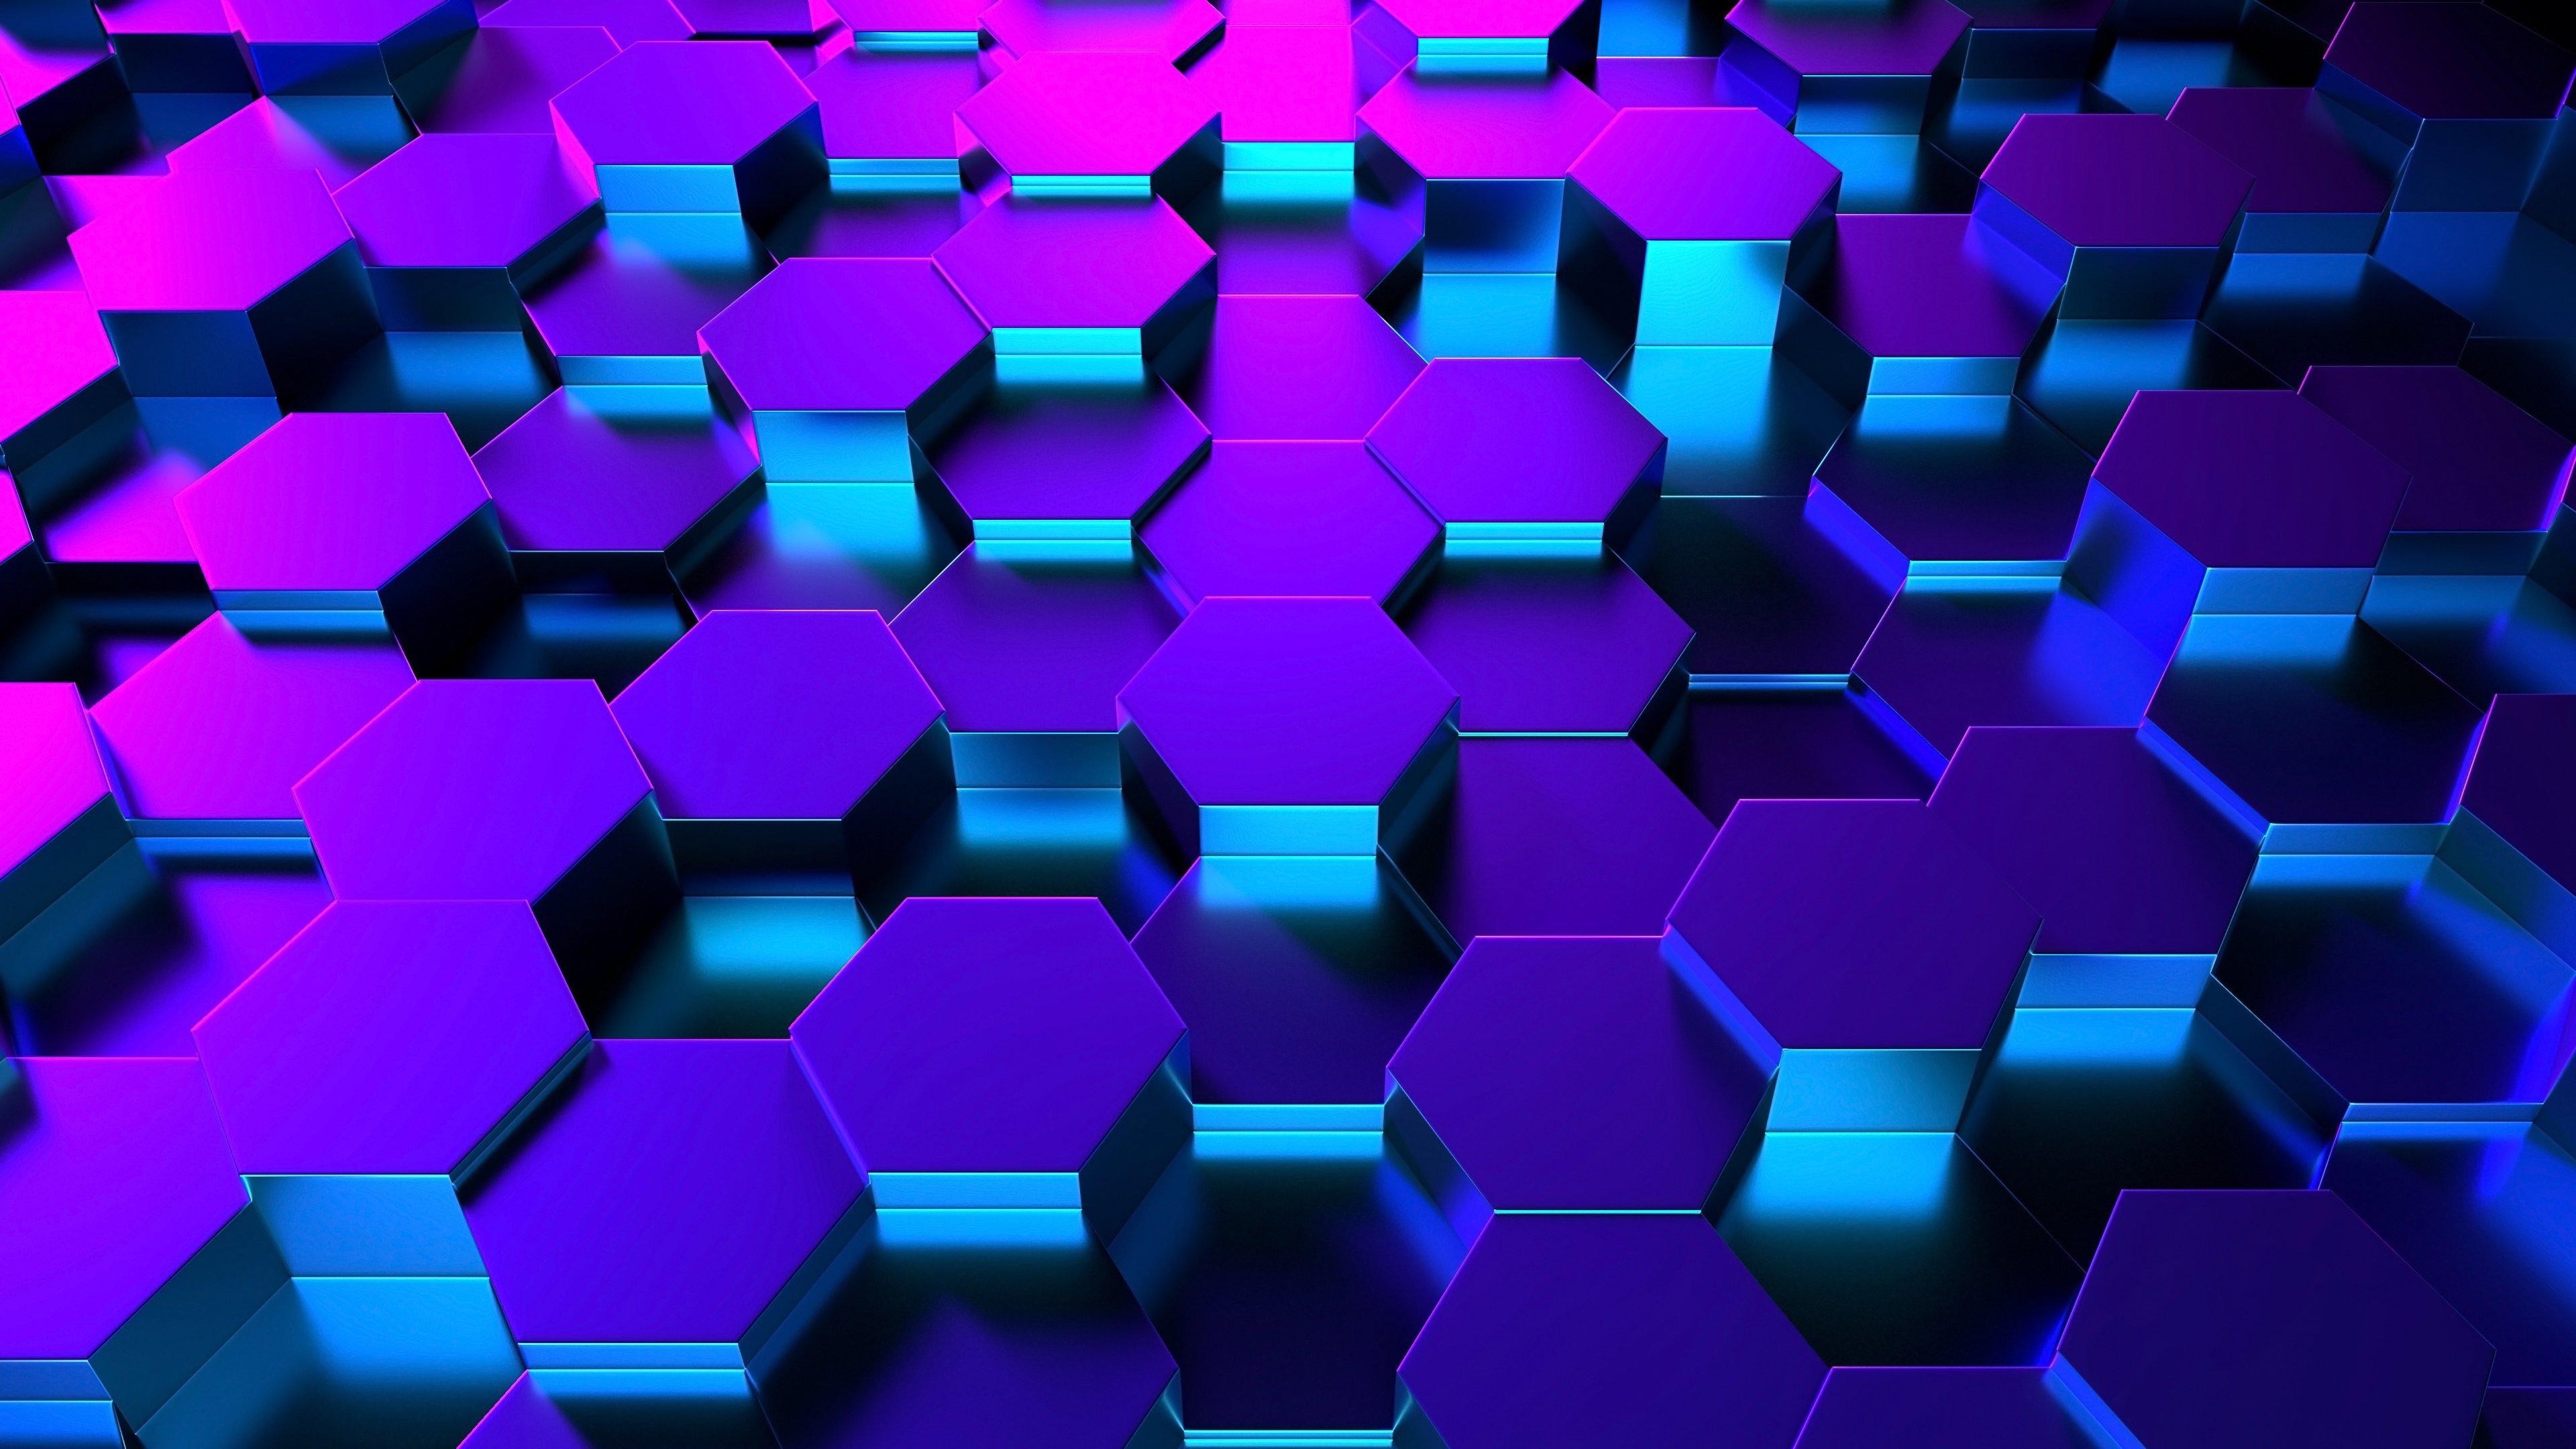 Fondos de pantalla Hexágonos 3D en perspectiva iluminación neón